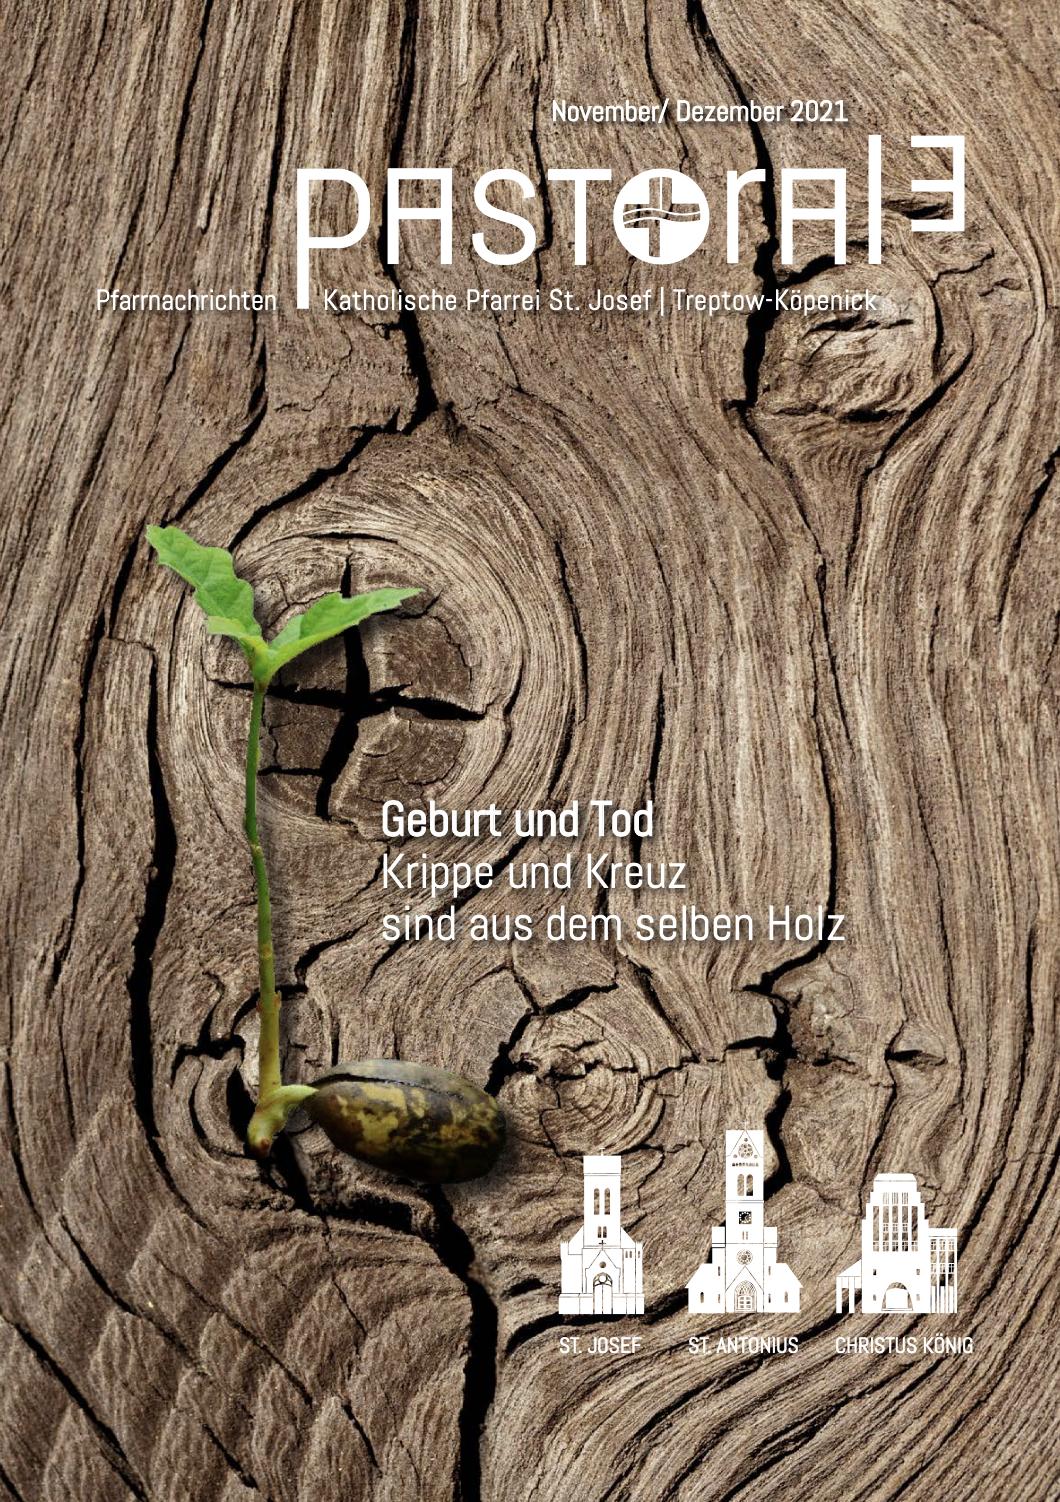 """Pfarreimagazin """"PASTORALE"""" für November / Dezember erschienen"""